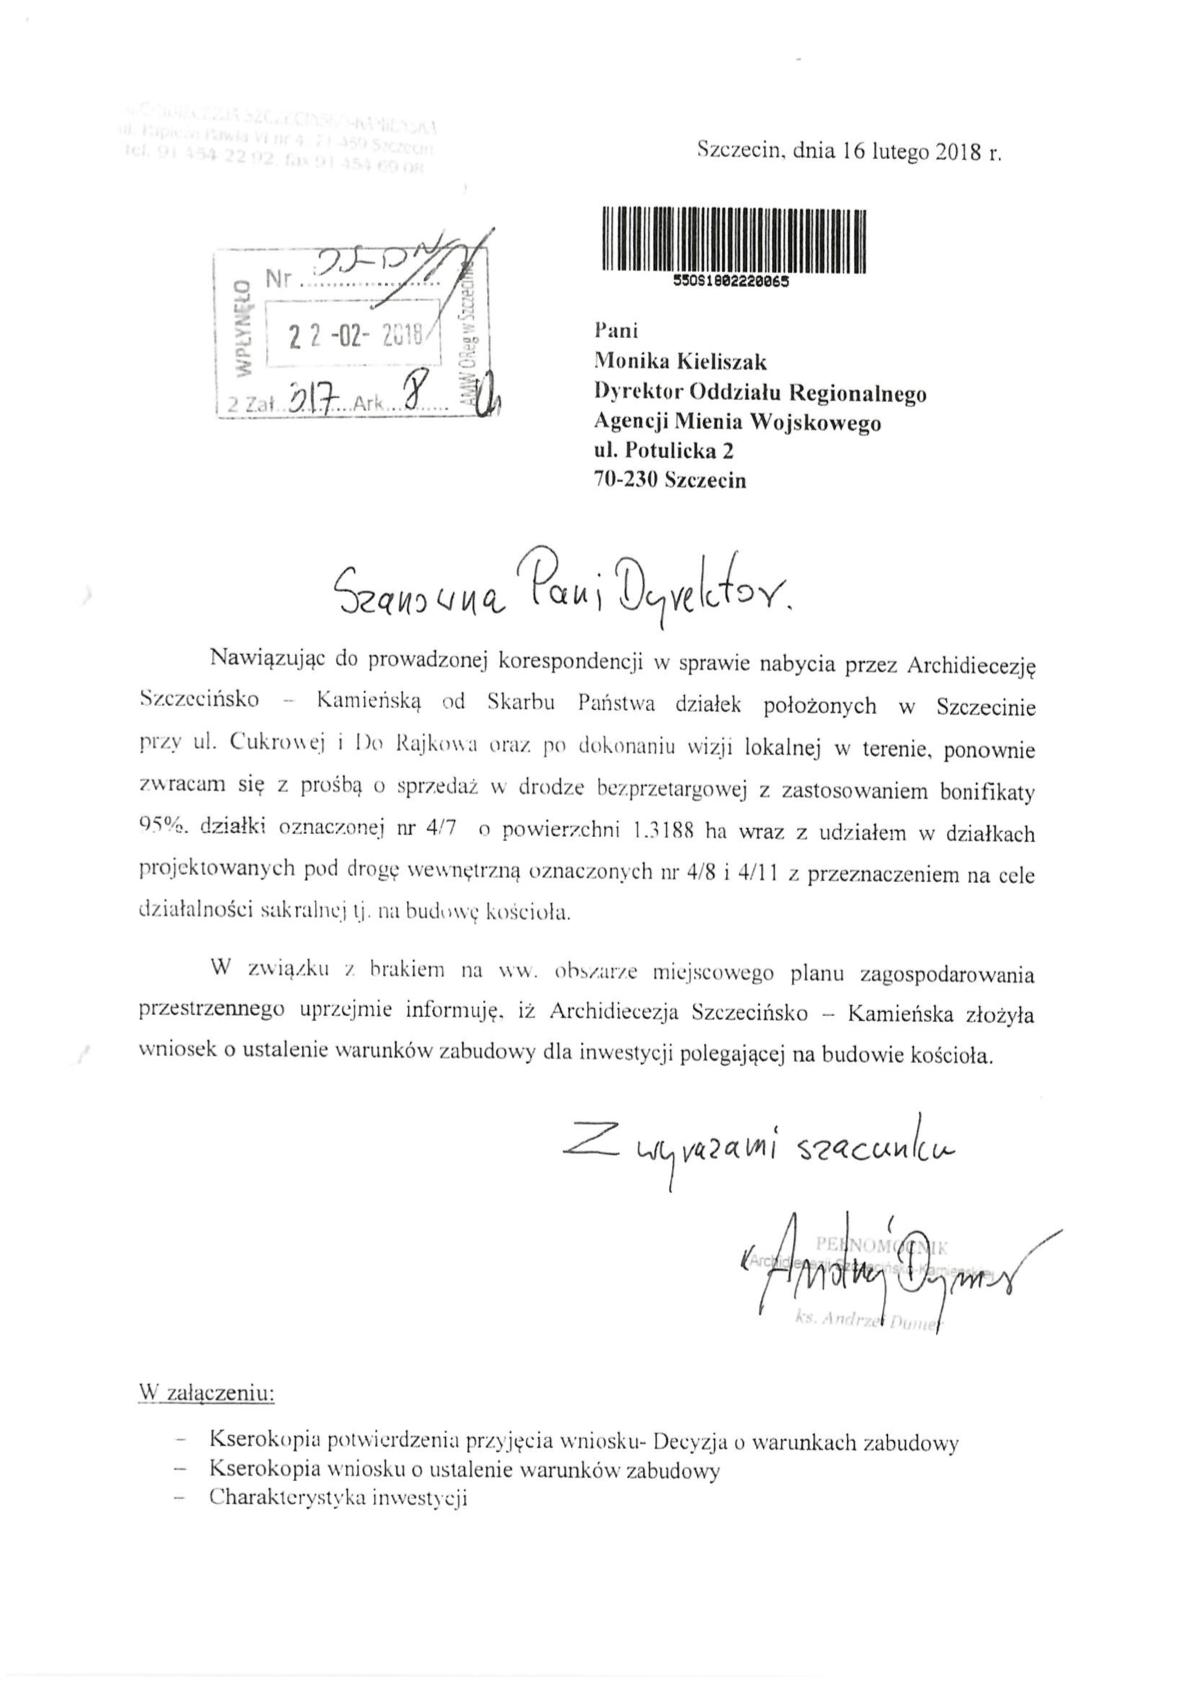 Ks. Andrzej Dymer pisze do Agencji Mienia Wojskowego w sprawie działki pod kościół.